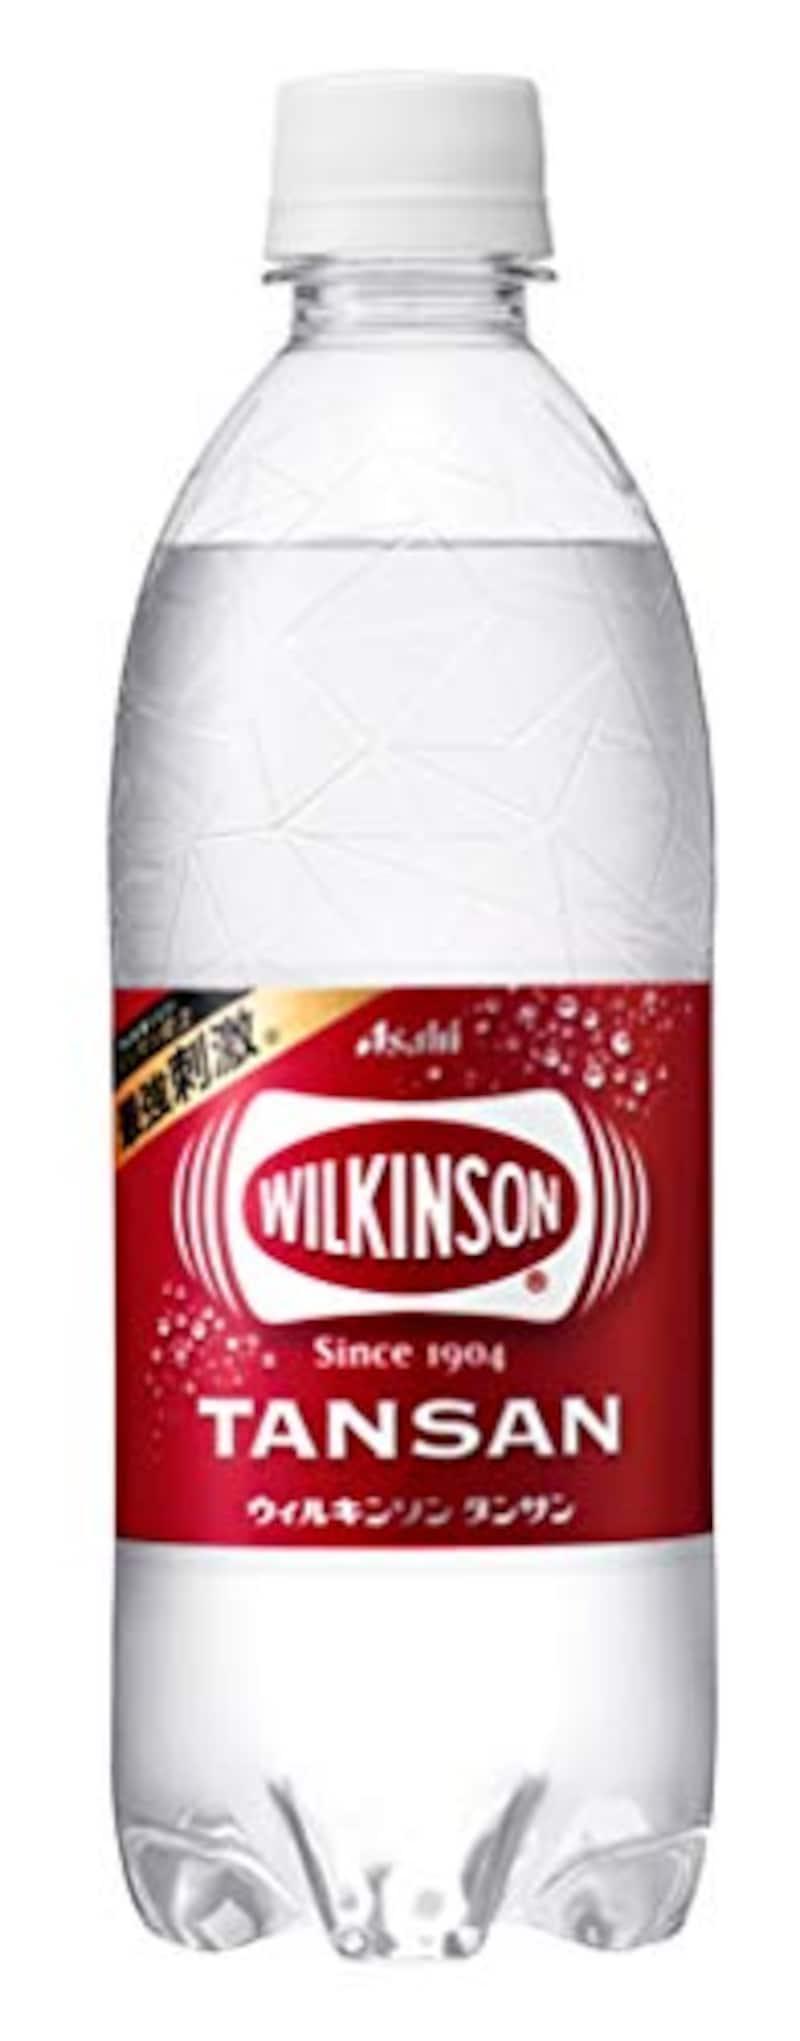 アサヒ飲料,ウィルキンソン炭酸